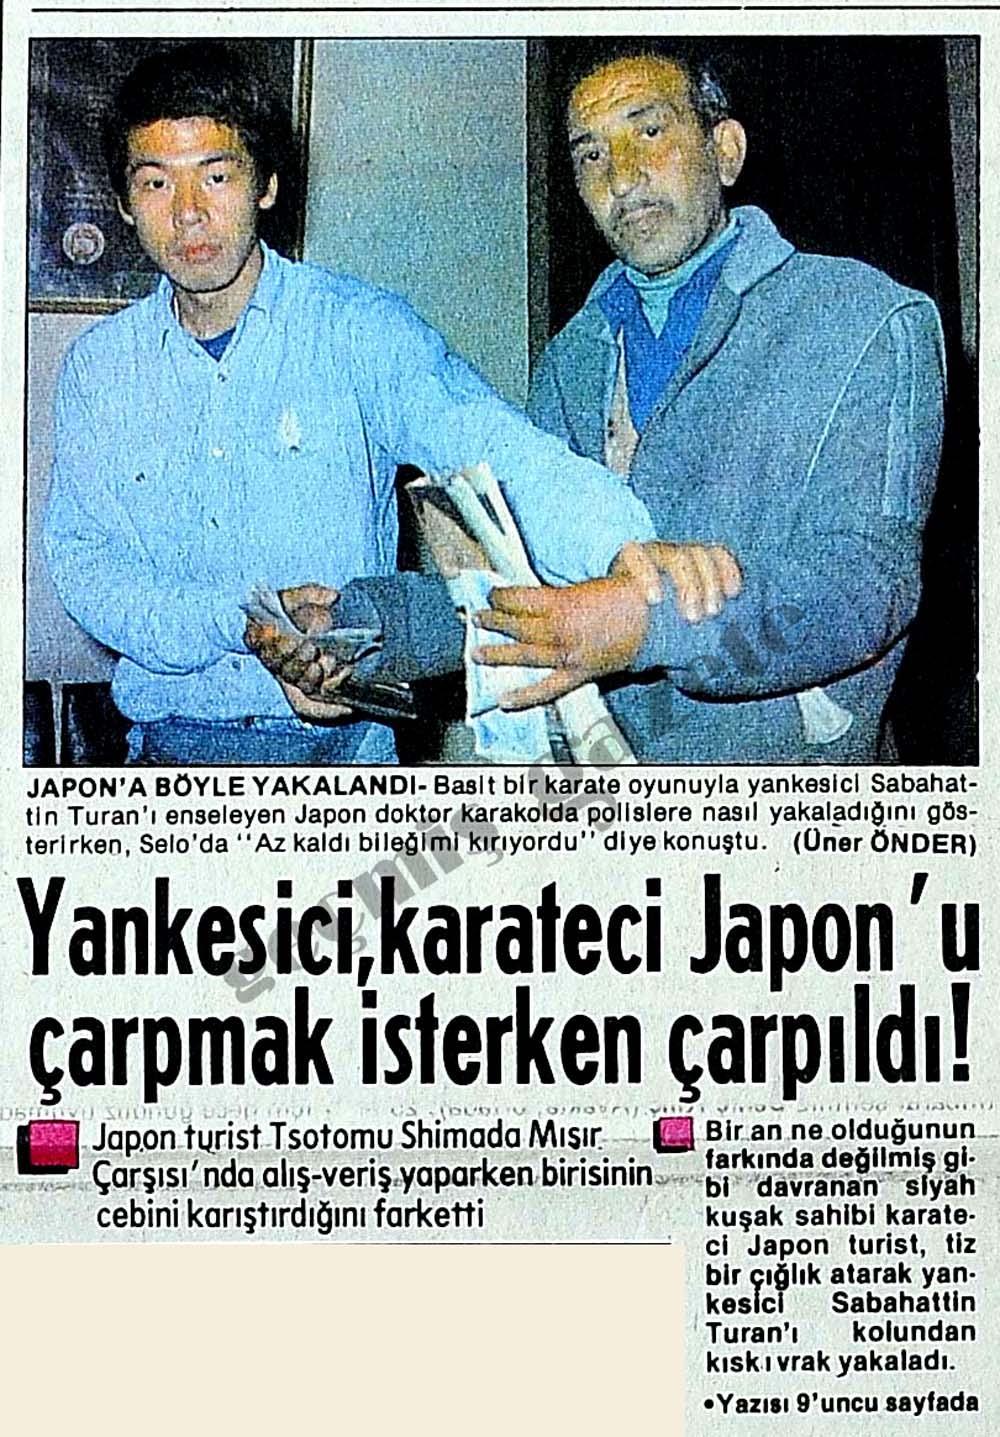 Yankesici, karateci Japon'u çarpmak isterken çarpıldı!